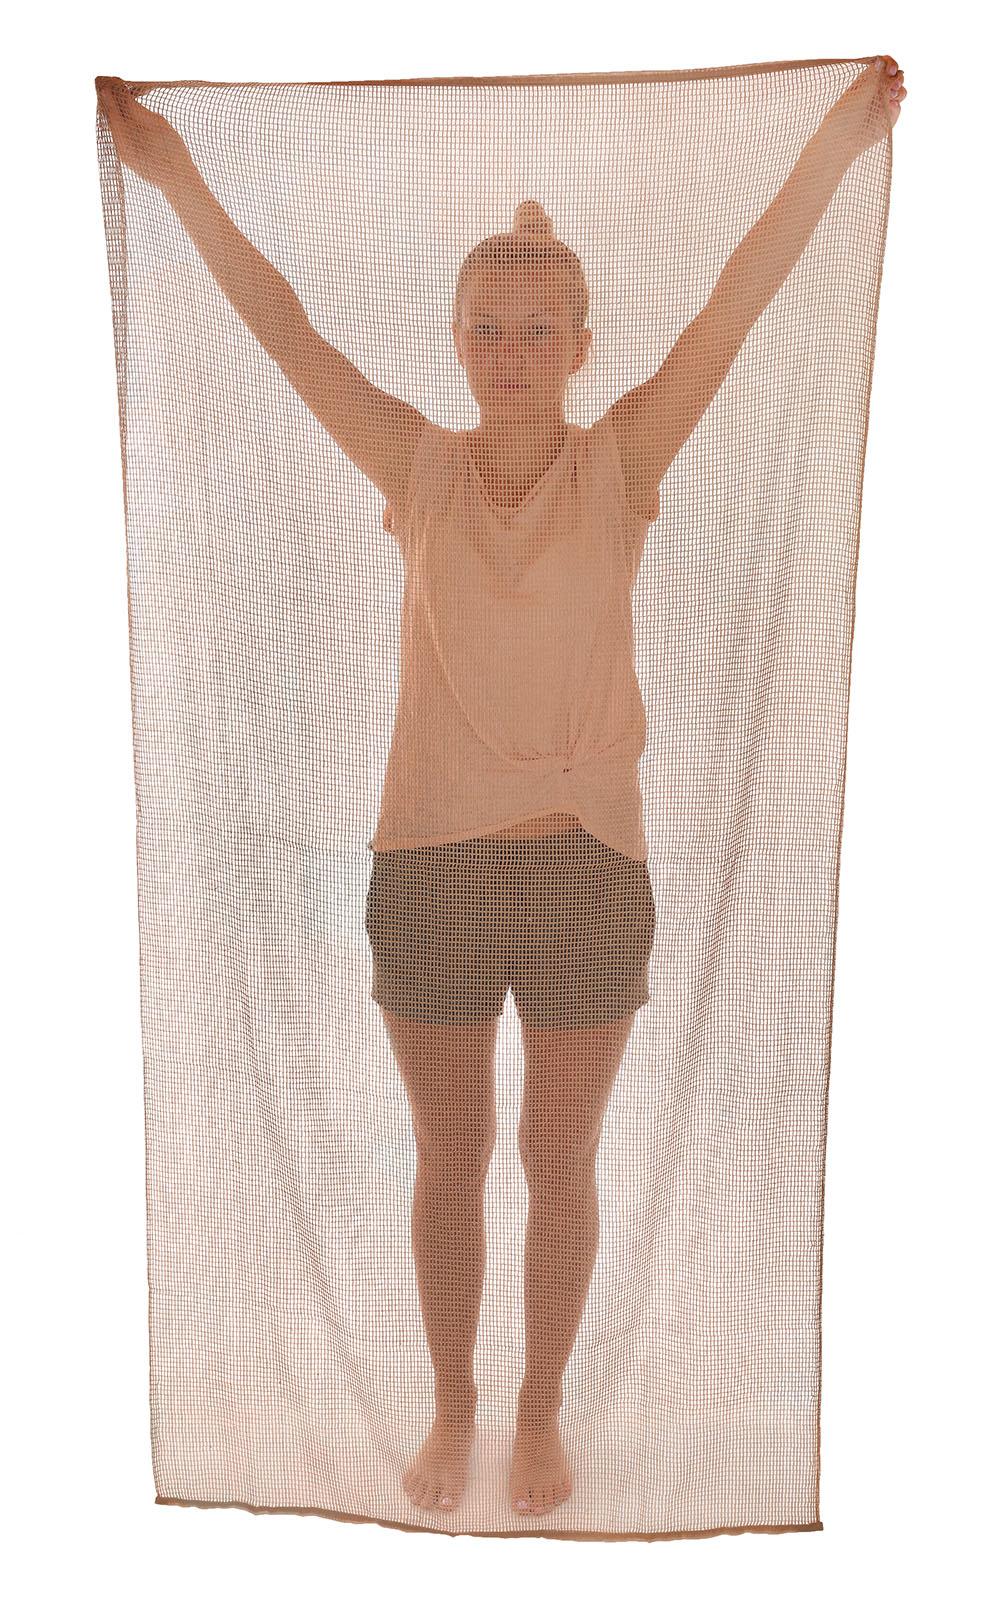 Заказать онлайн шарф-сетку хаки-песок по оптимальной цене